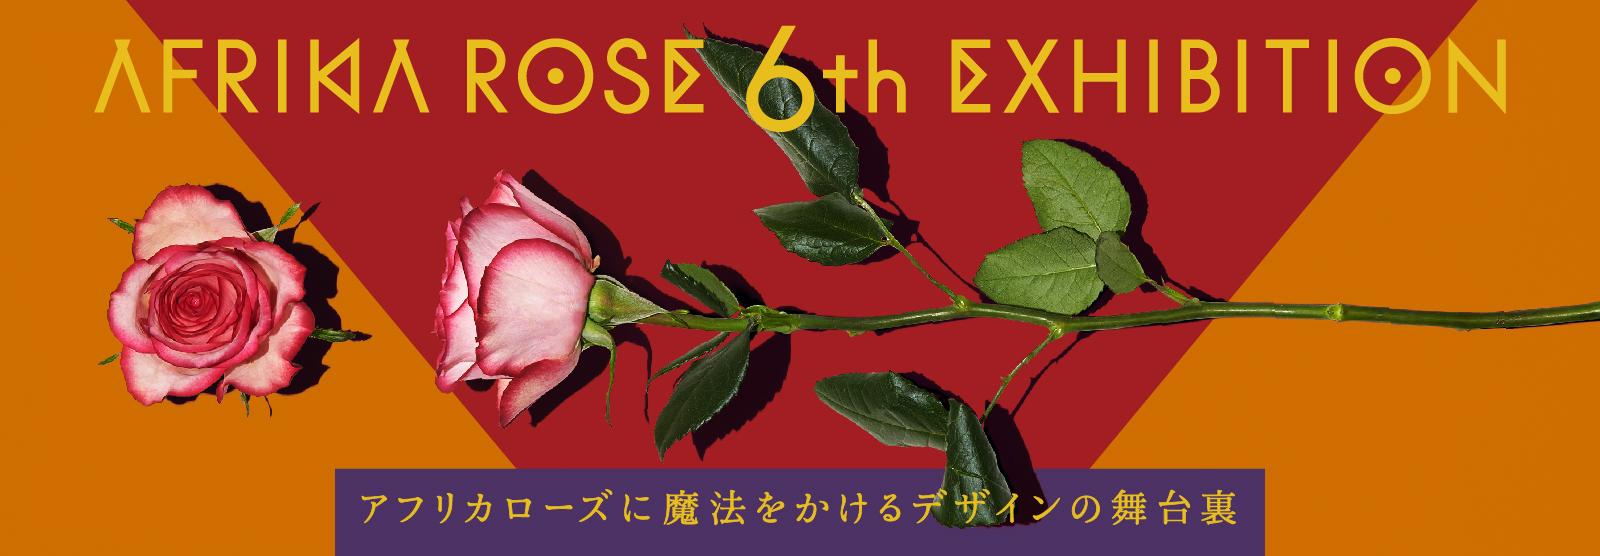 6周年記念『AFRIKA ROSEデザイン展』